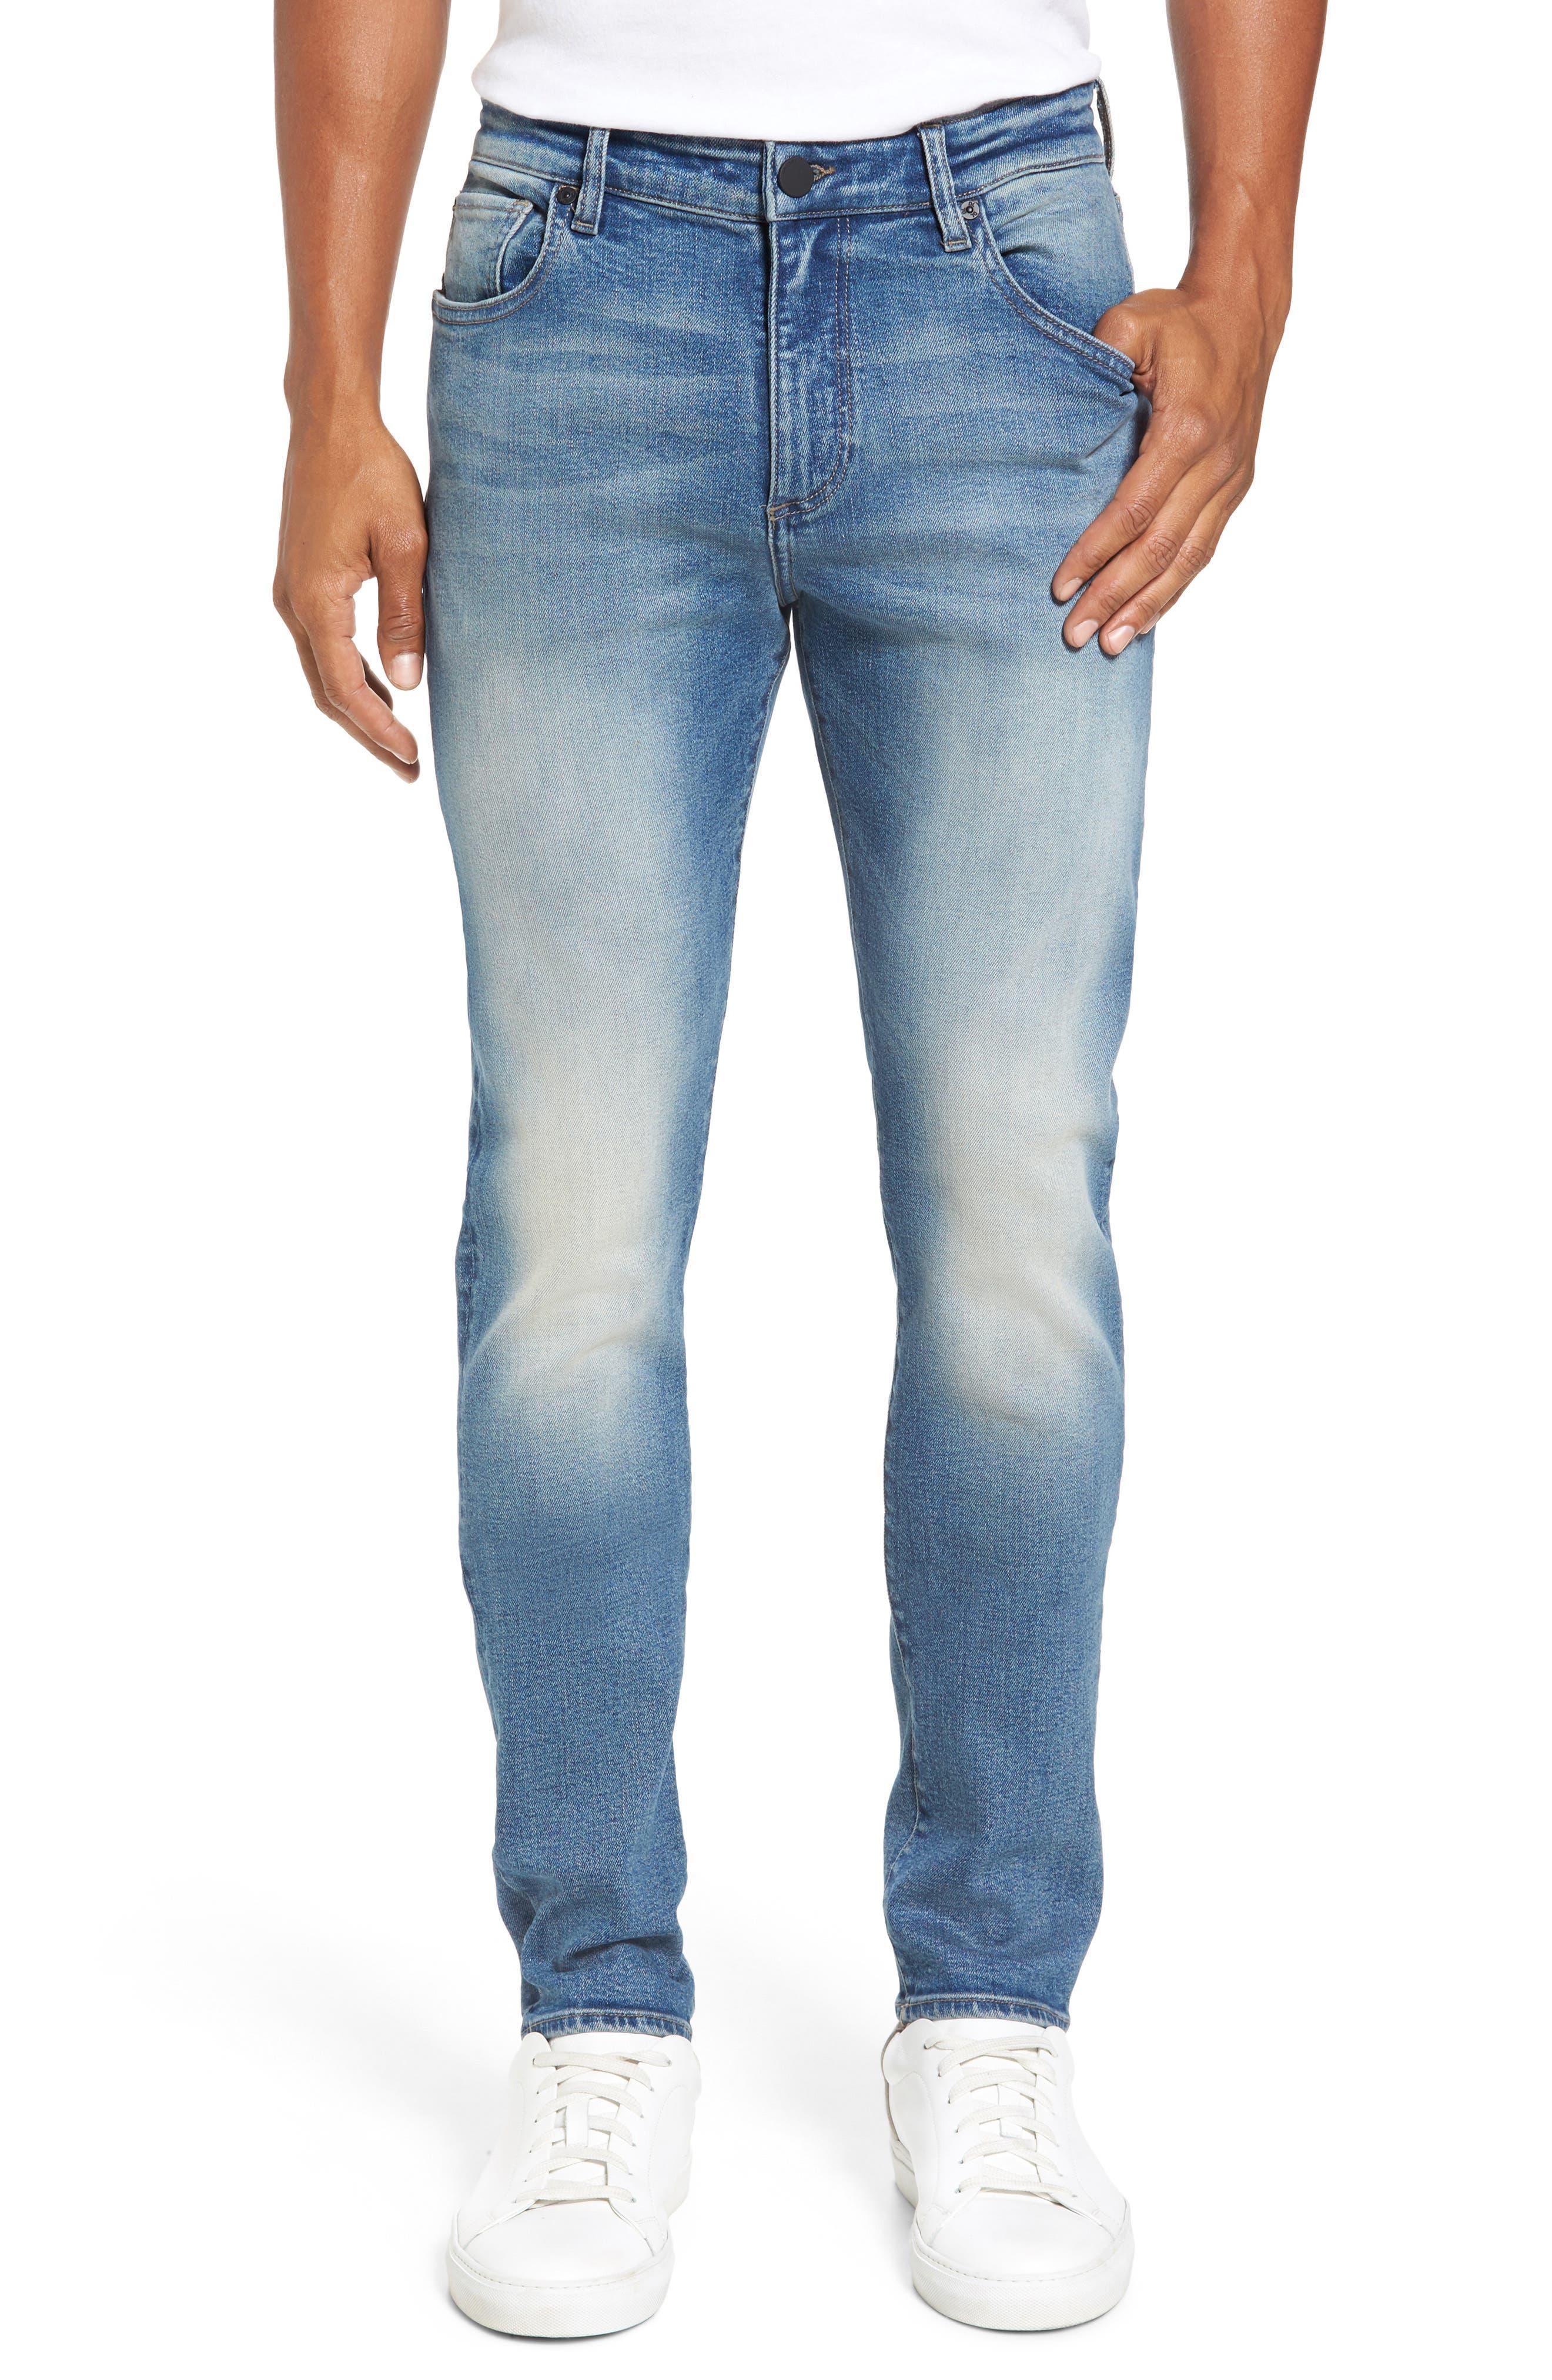 Hunter Skinny Jeans,                         Main,                         color, HALT 2